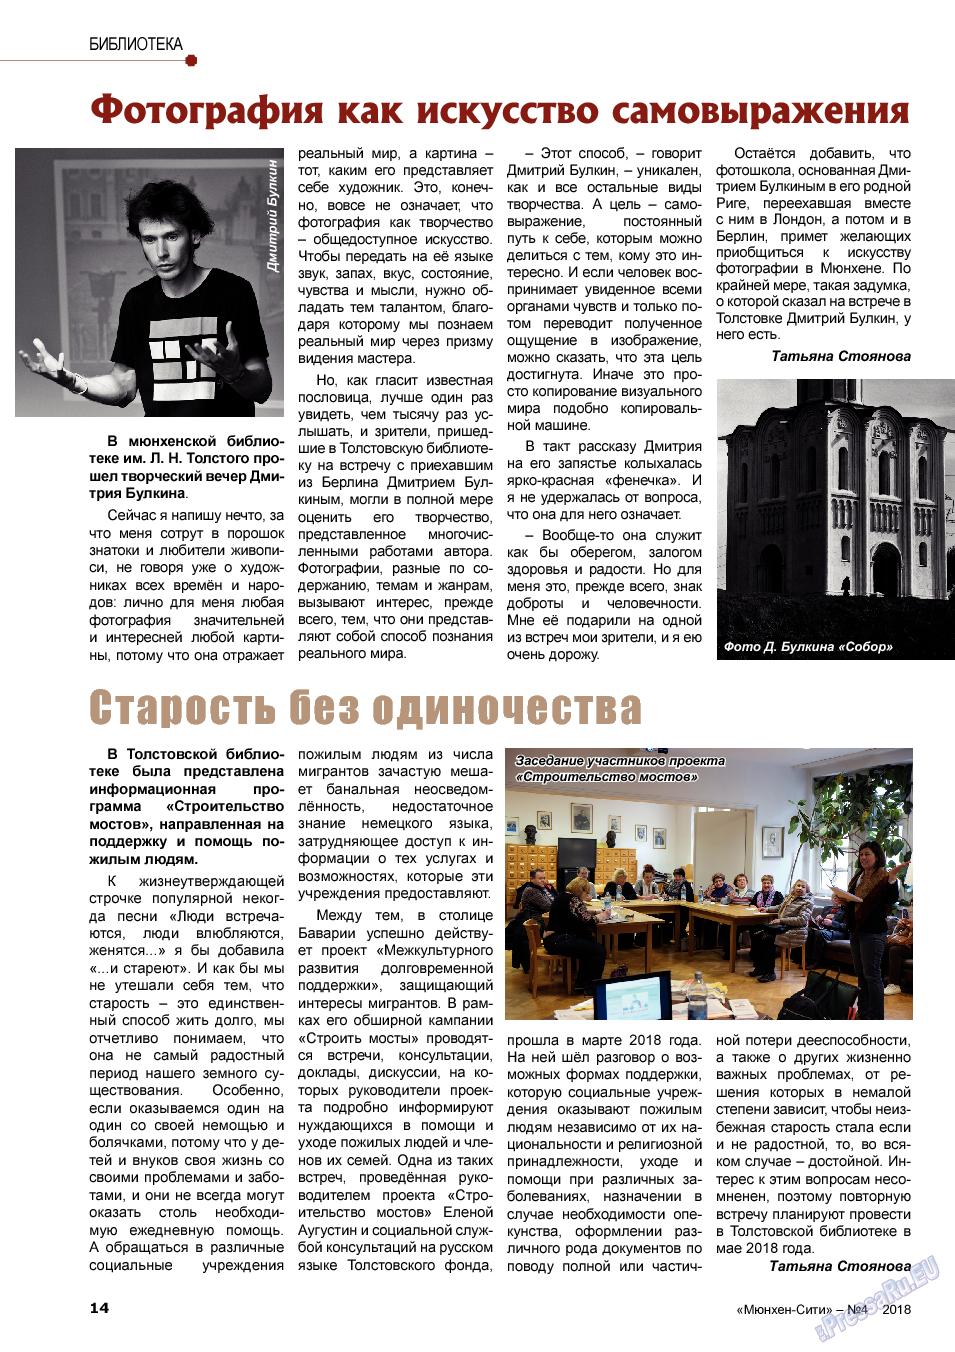 Мюнхен-сити (журнал). 2018 год, номер 4, стр. 14